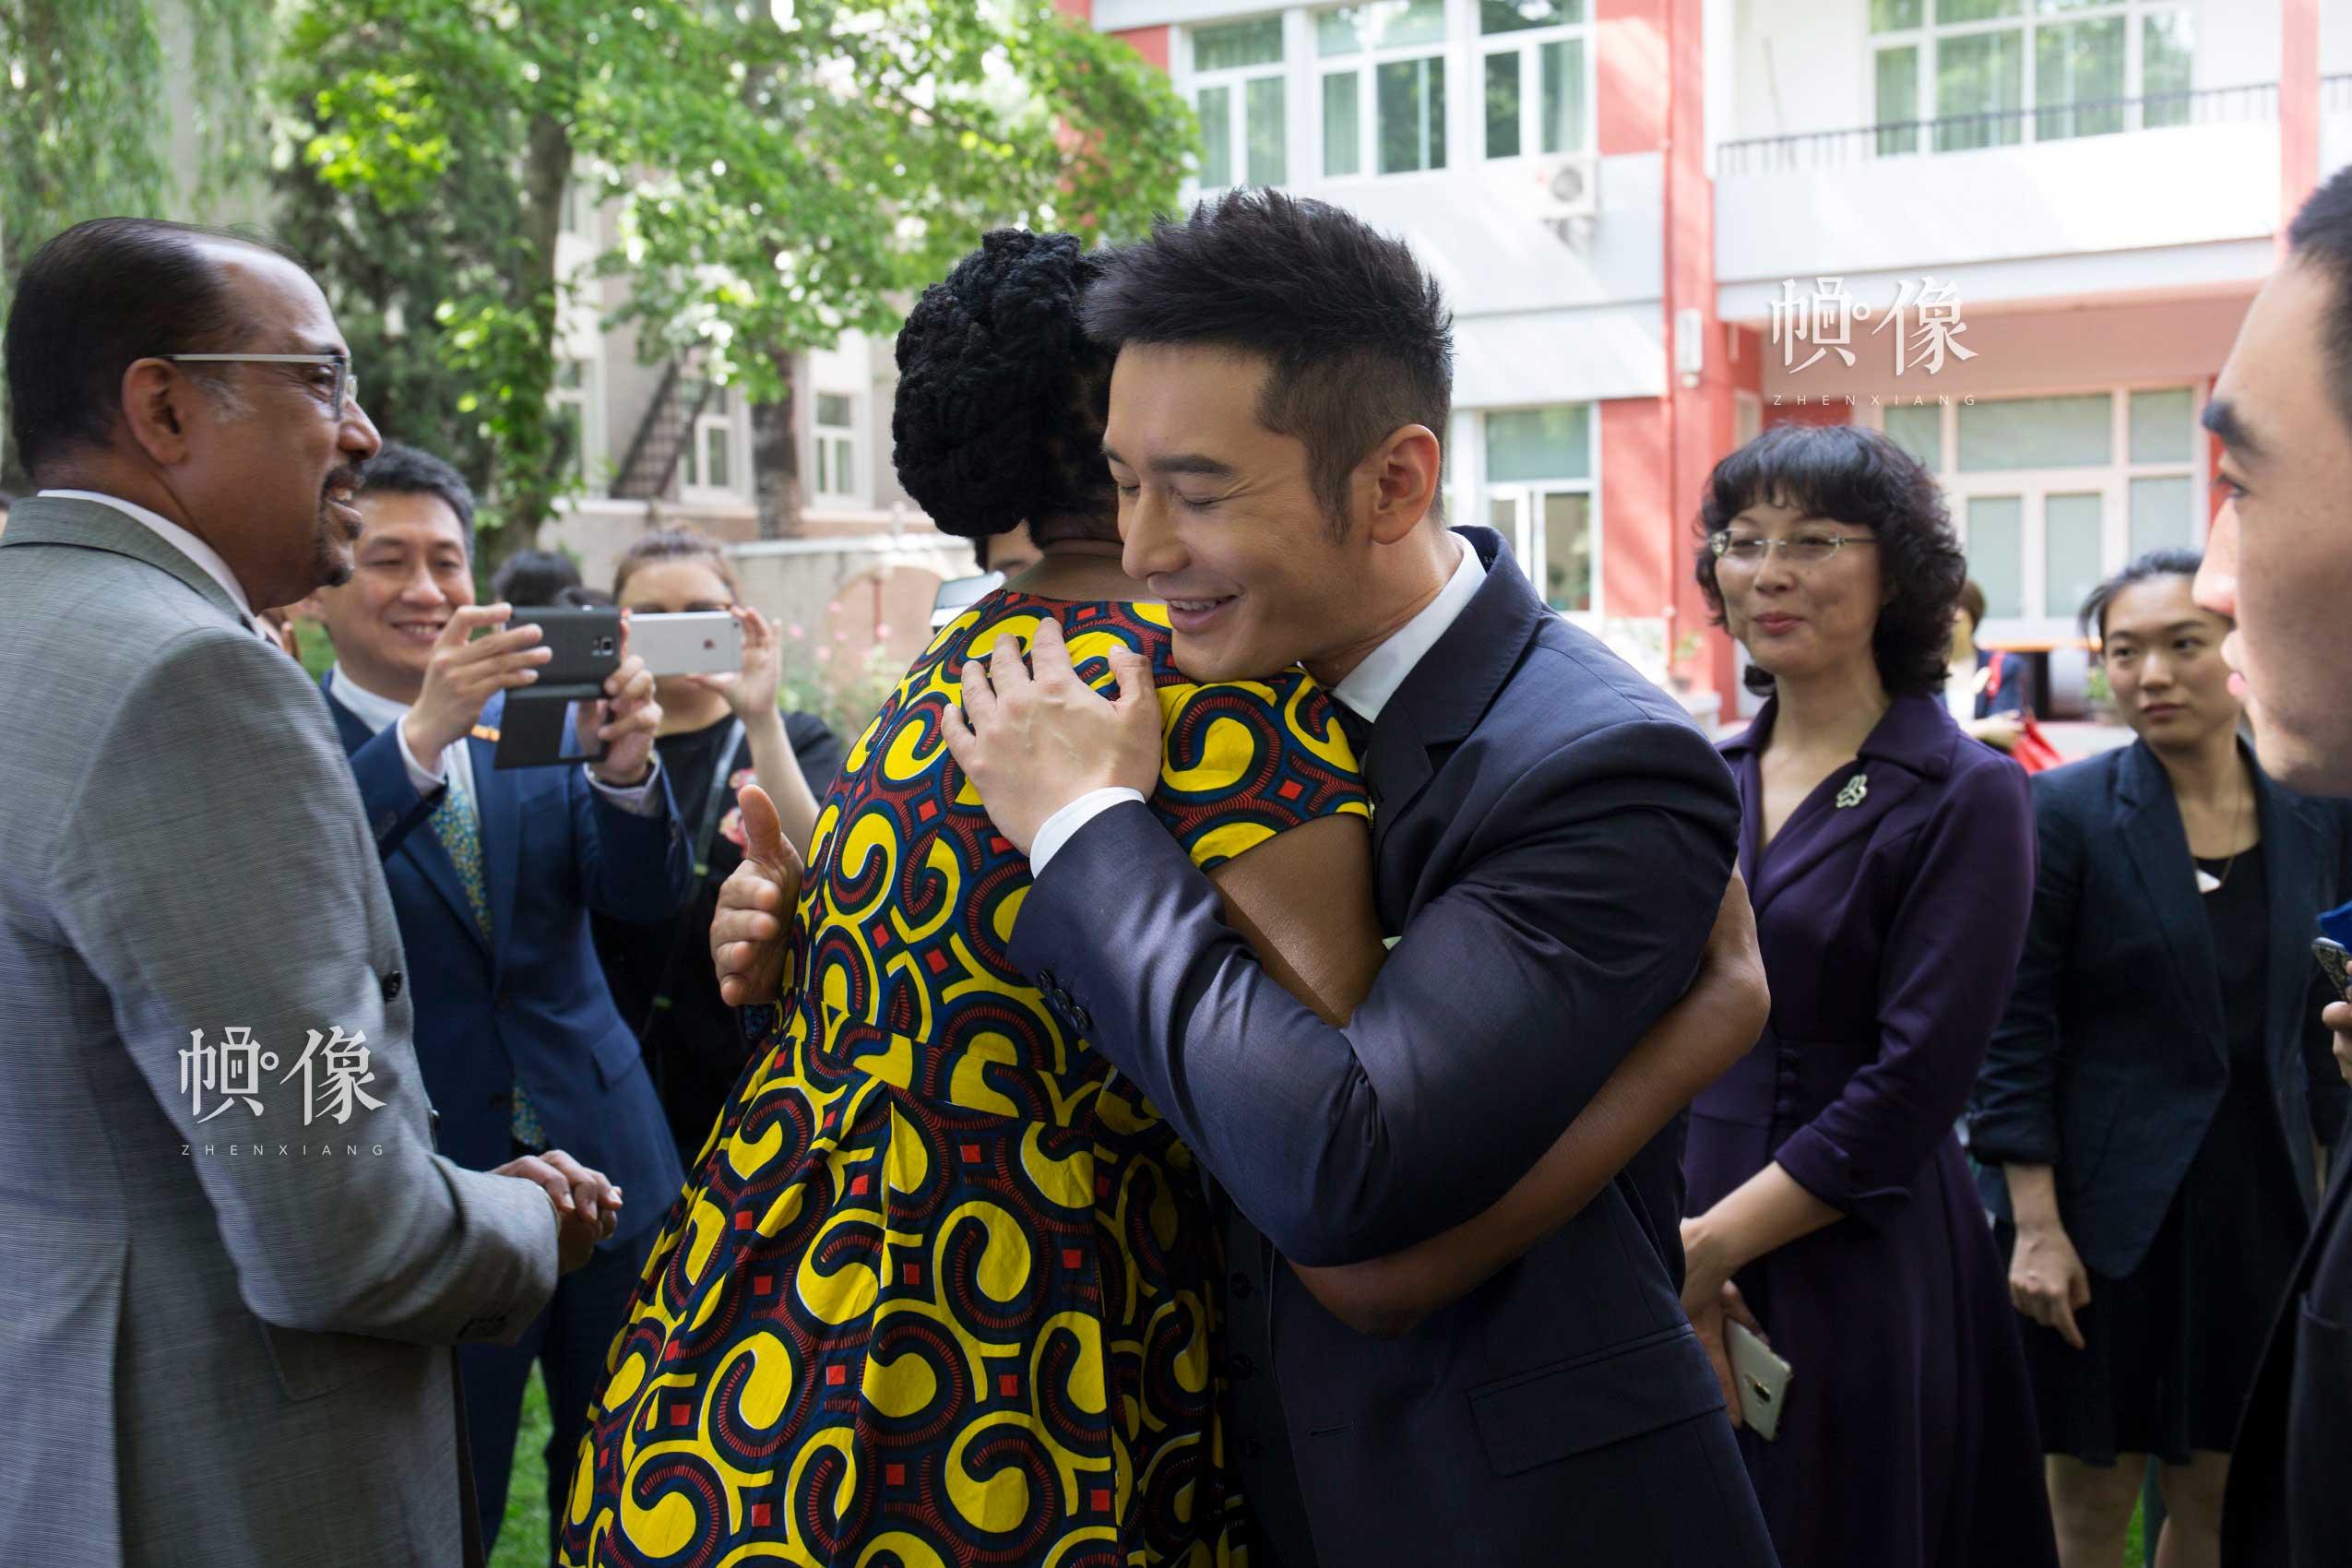 黄晓明与联合国艾滋病规划署驻华办事处代表苏凯琳博士拥抱告别。中国网记者 高南 摄